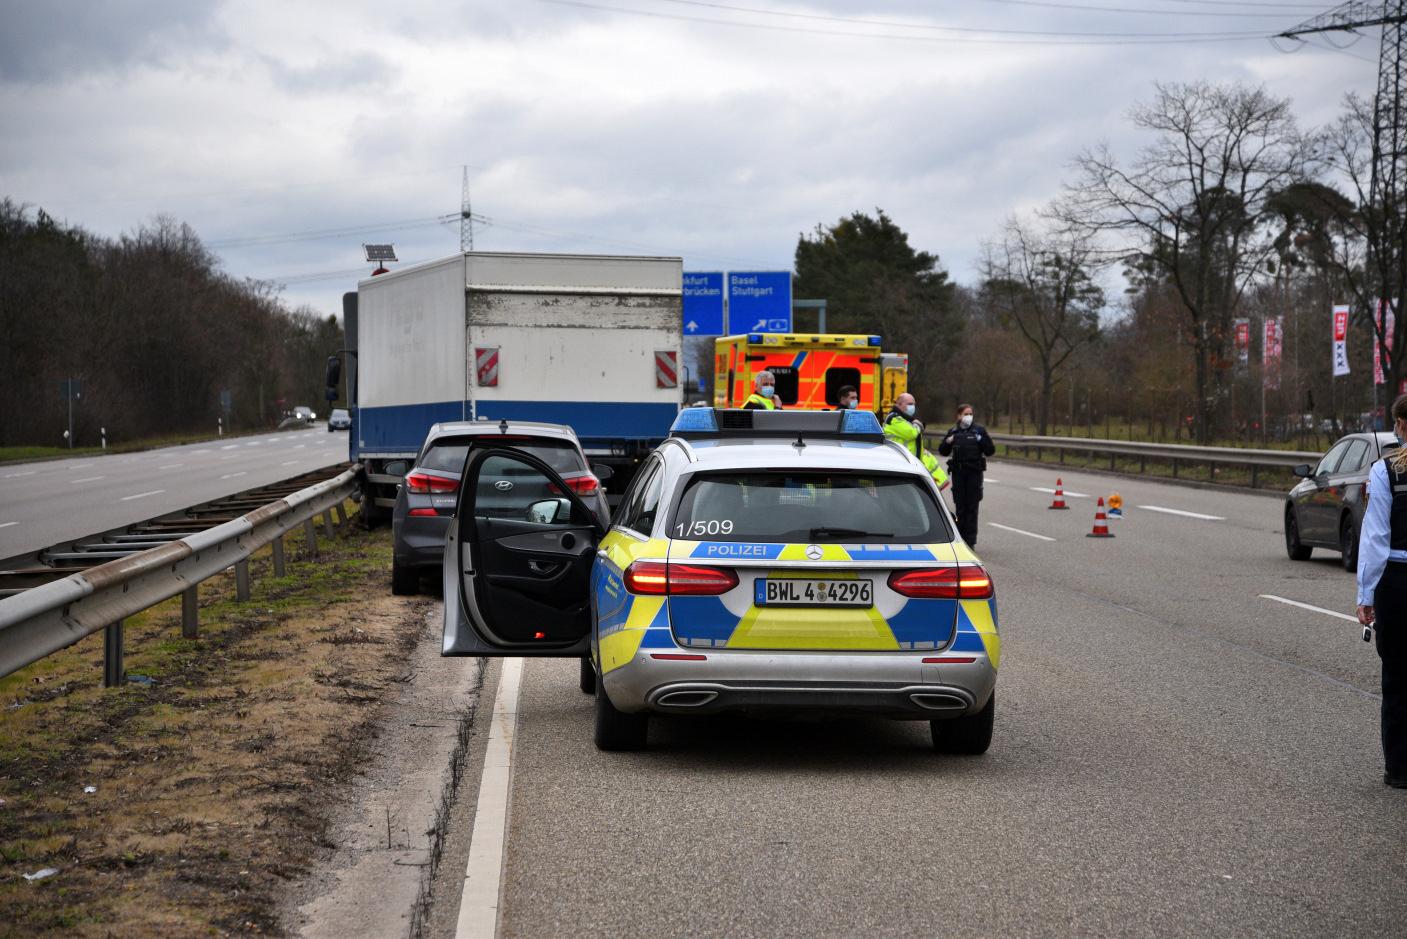 Mannheim: 61-jähriger Lkw-Fahrer gerät nach medizinischem Notfall in die Leitplanken - nach Reanimation in Klinik eingeliefert